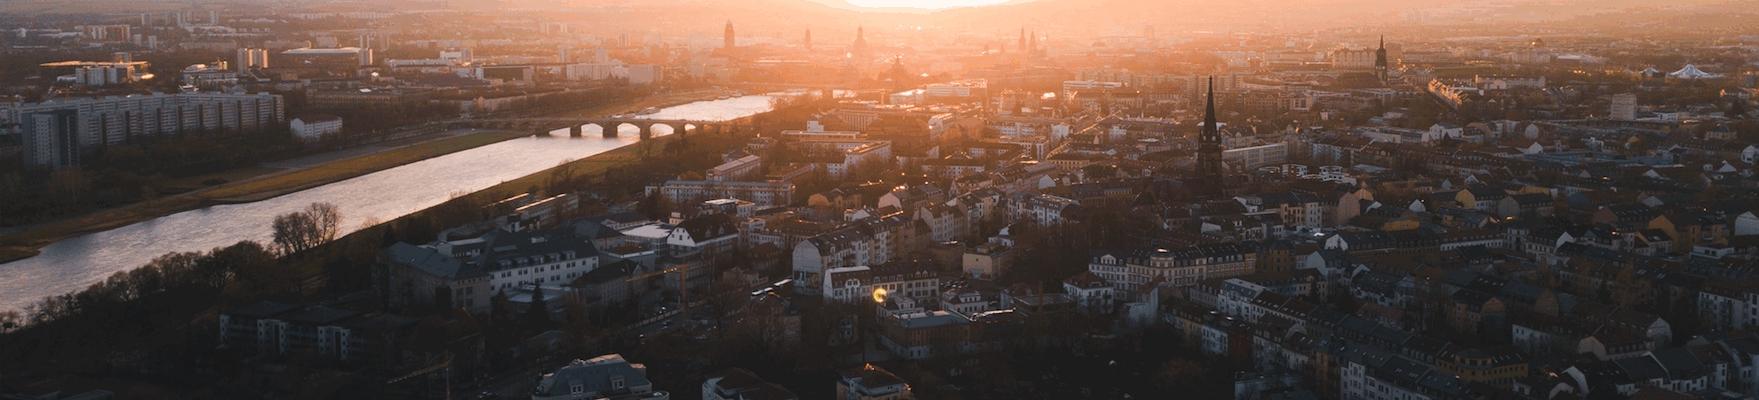 Lustige Stadtrundfahrt in sächischer Mundart Dresden  24.11.